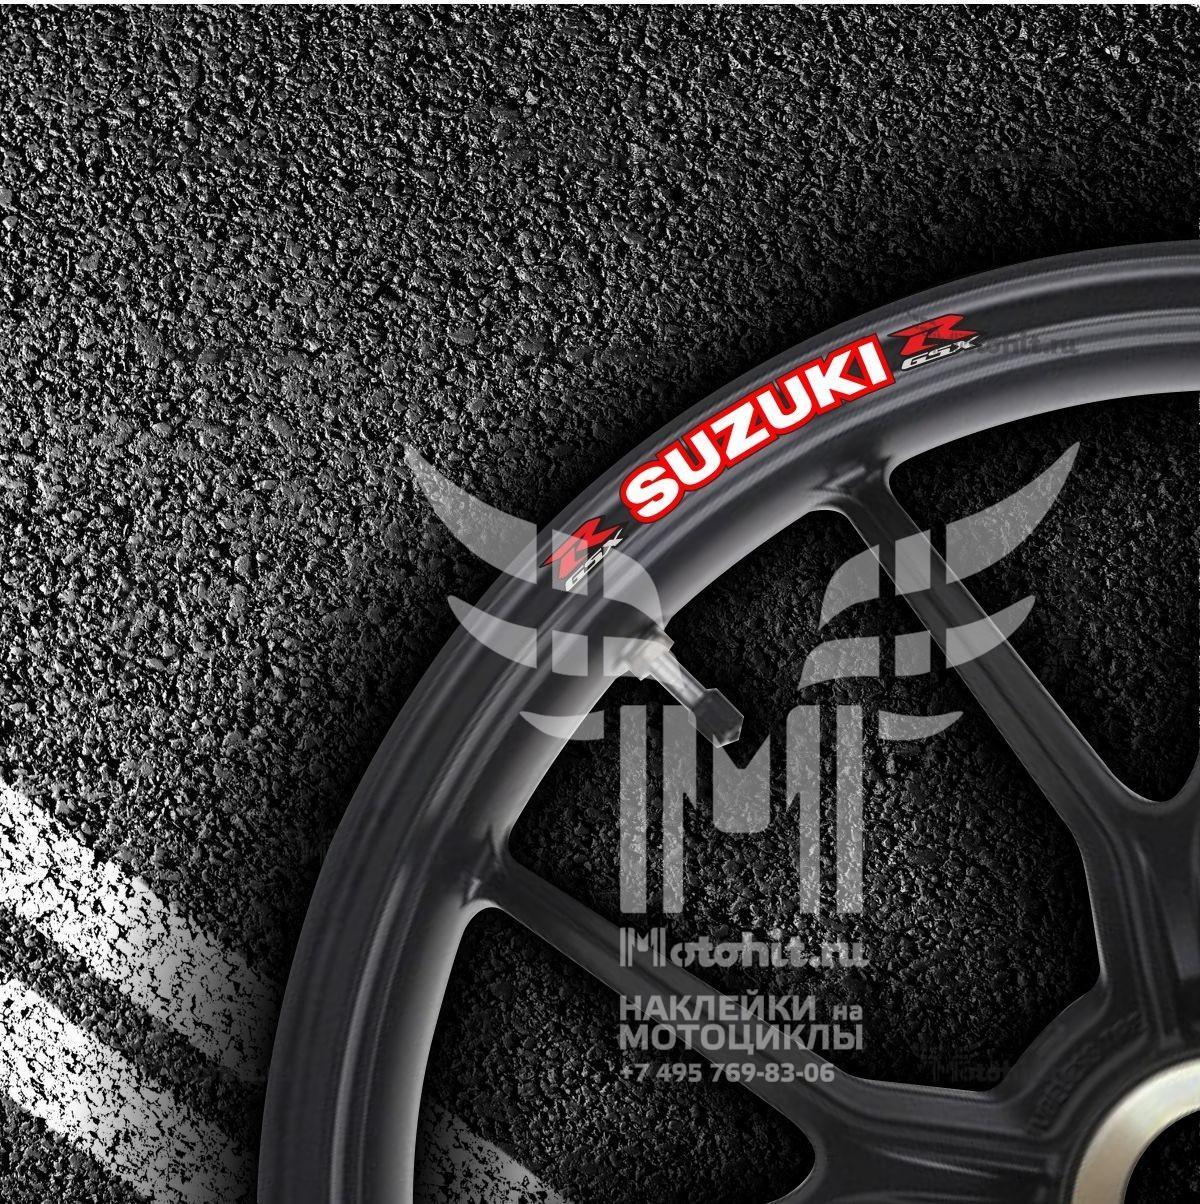 Комплект наклеек на обод колеса мотоцикла SUZUKI GSX-R